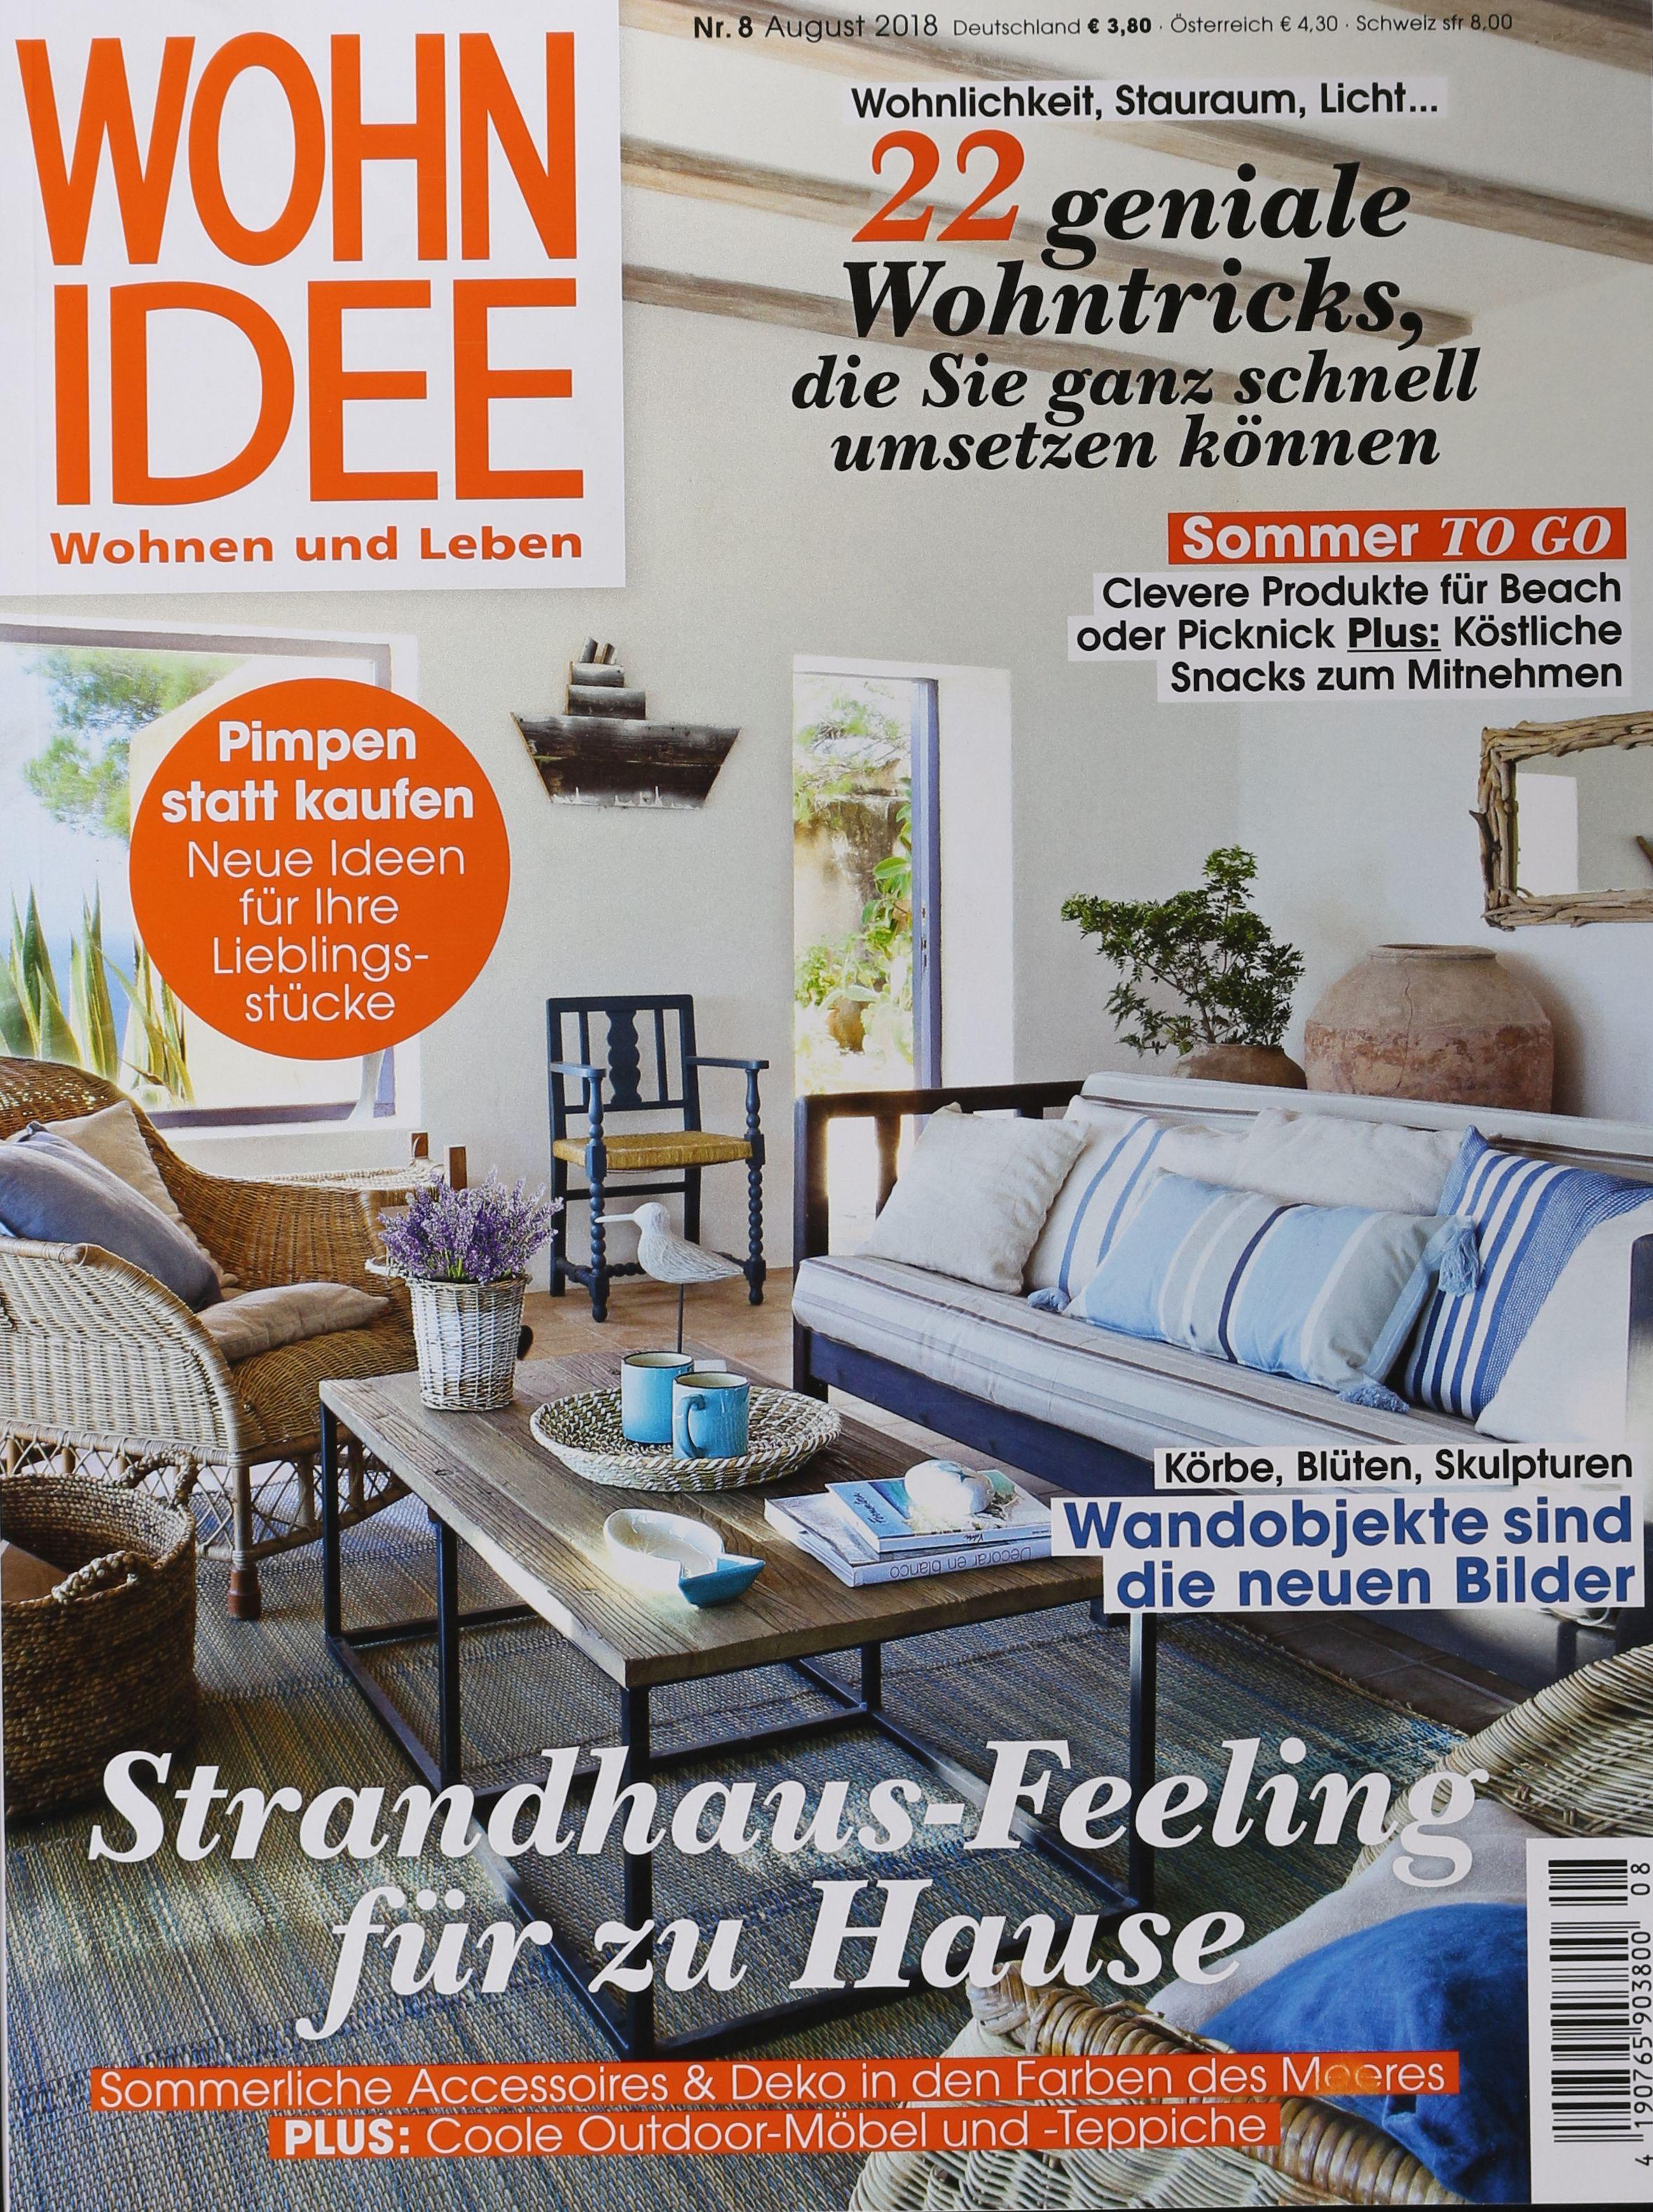 Wohnideen Und Lifestyle Dekoration - homeautodesign.com -